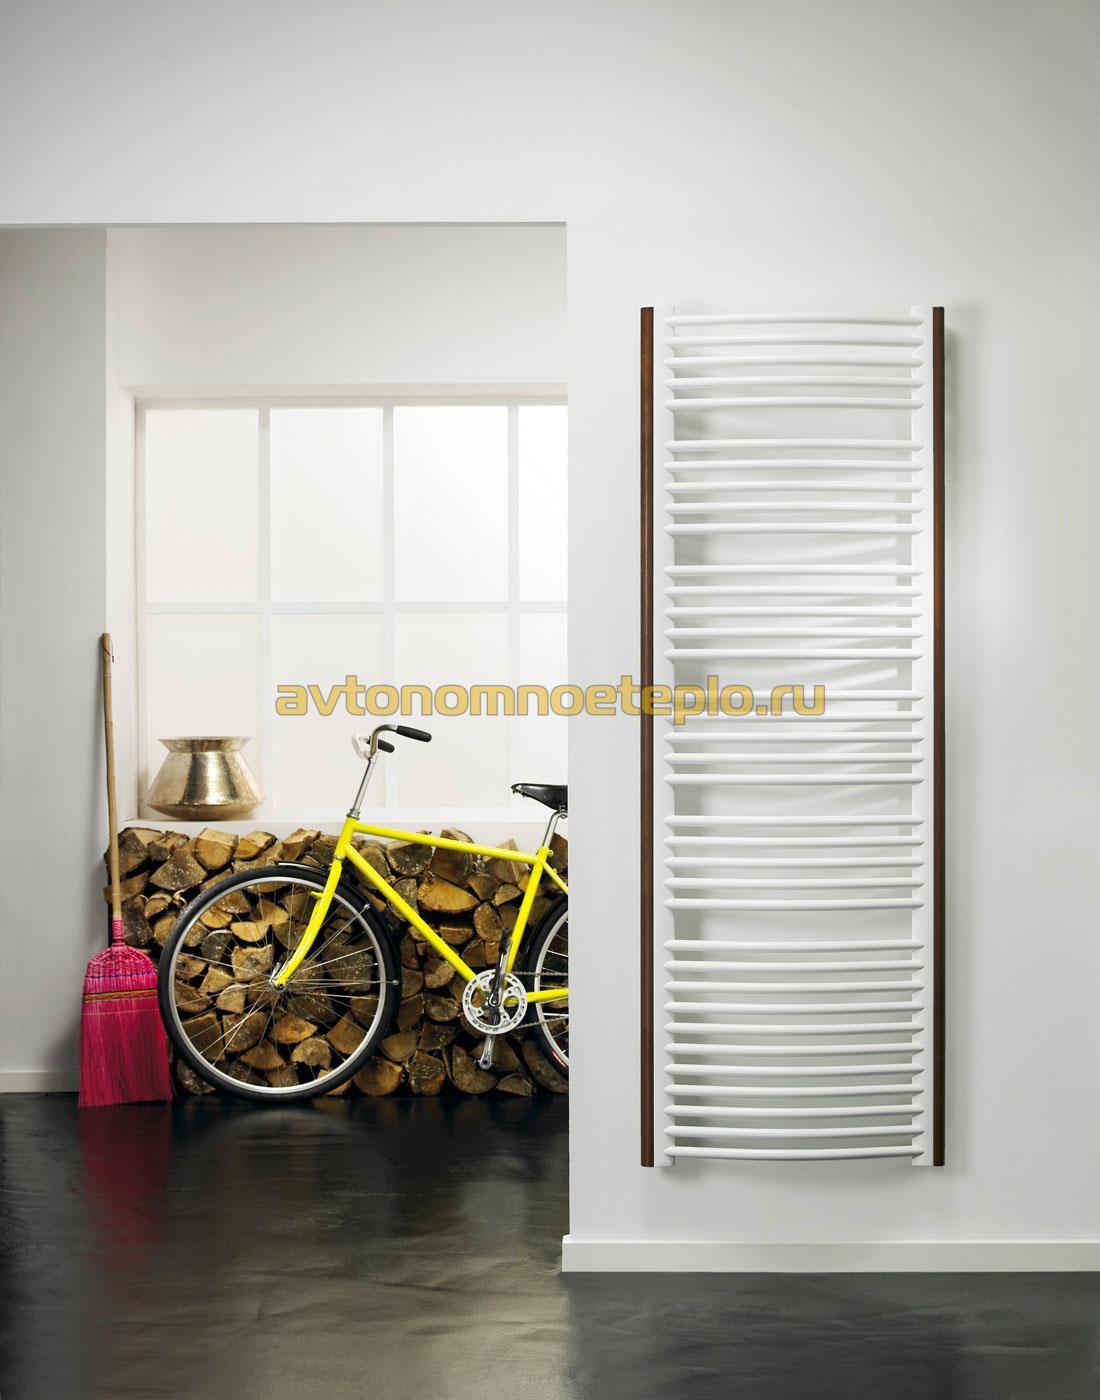 Calcul chauffage urbain drancy montreuil calais for Calcul chauffage maison